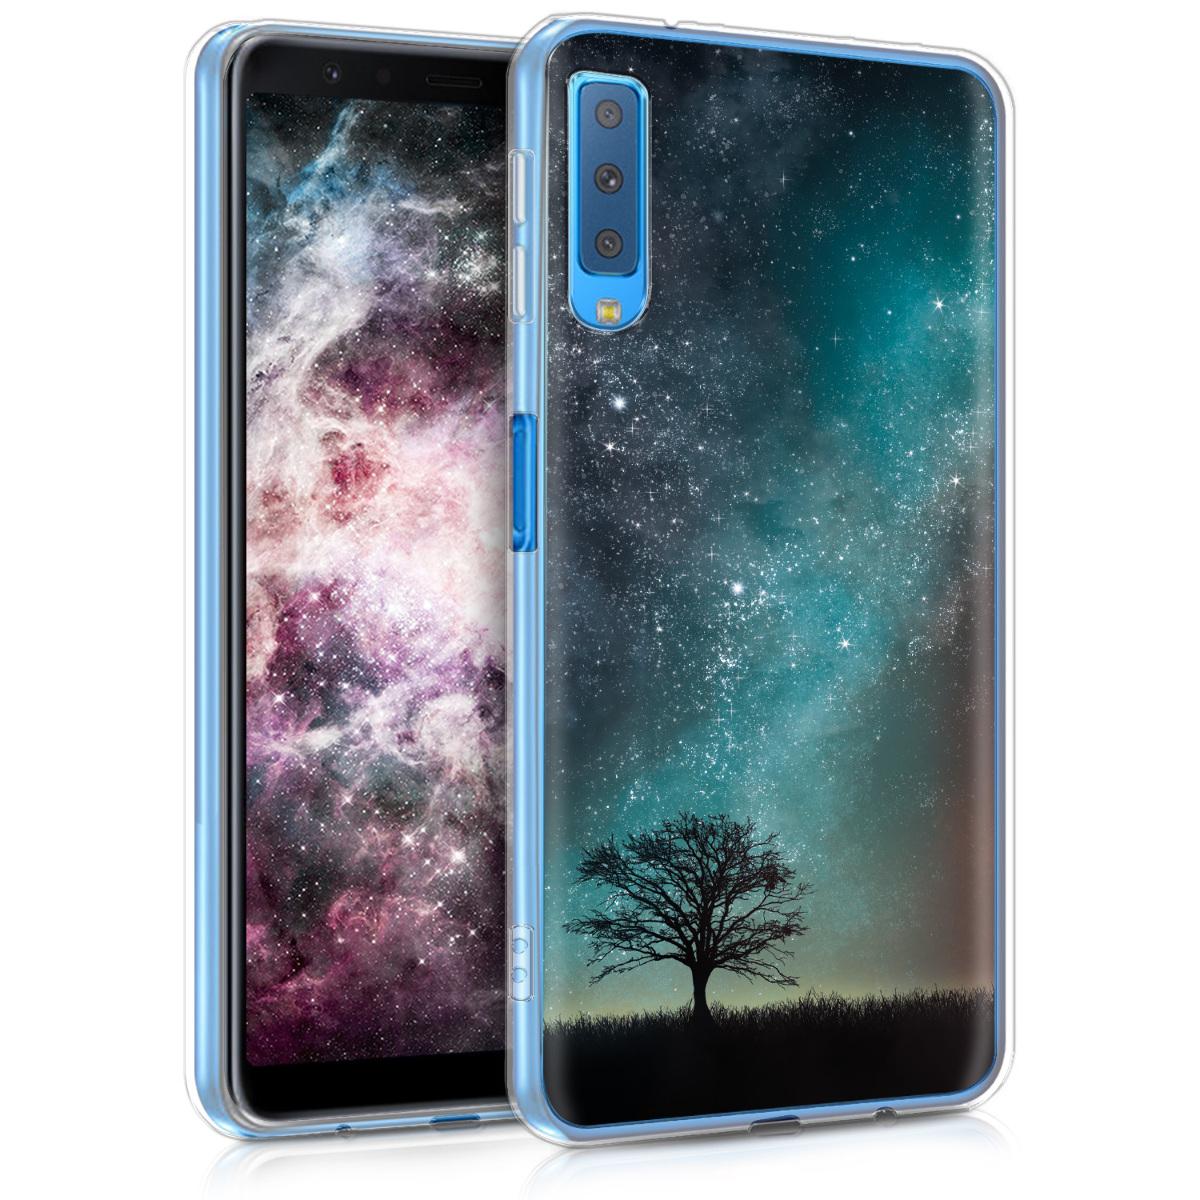 KW Θήκη Σιλικόνης Samsung Galaxy A7 (2018) - Blue / Grey / Black (46429.07)